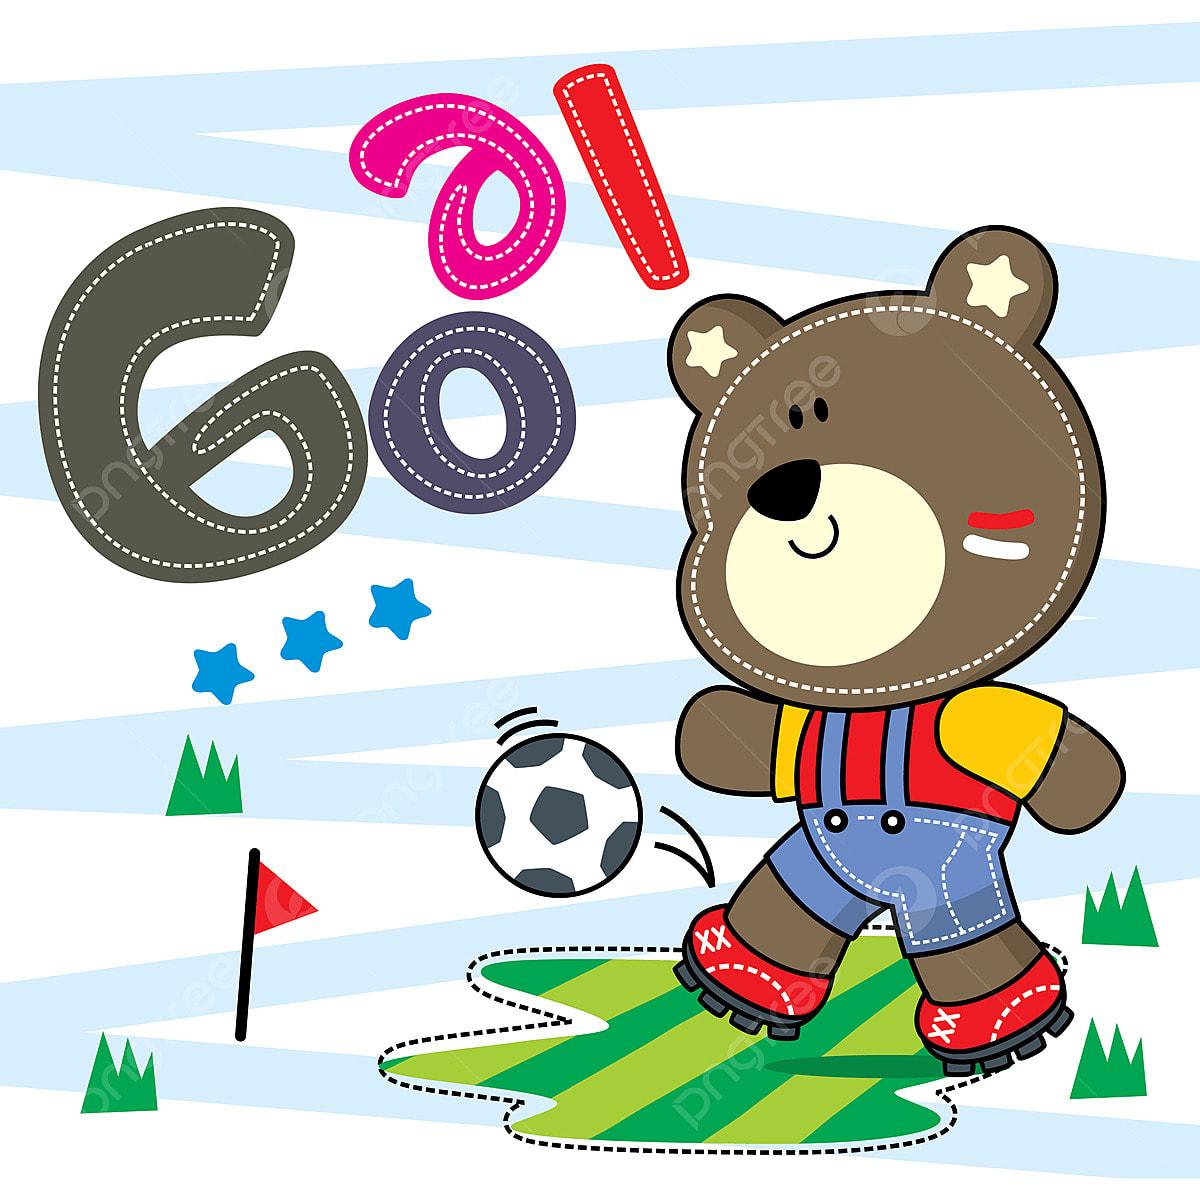 Cute Cartoon Urso Menino Chutando Uma Bola De Futebol A Acao